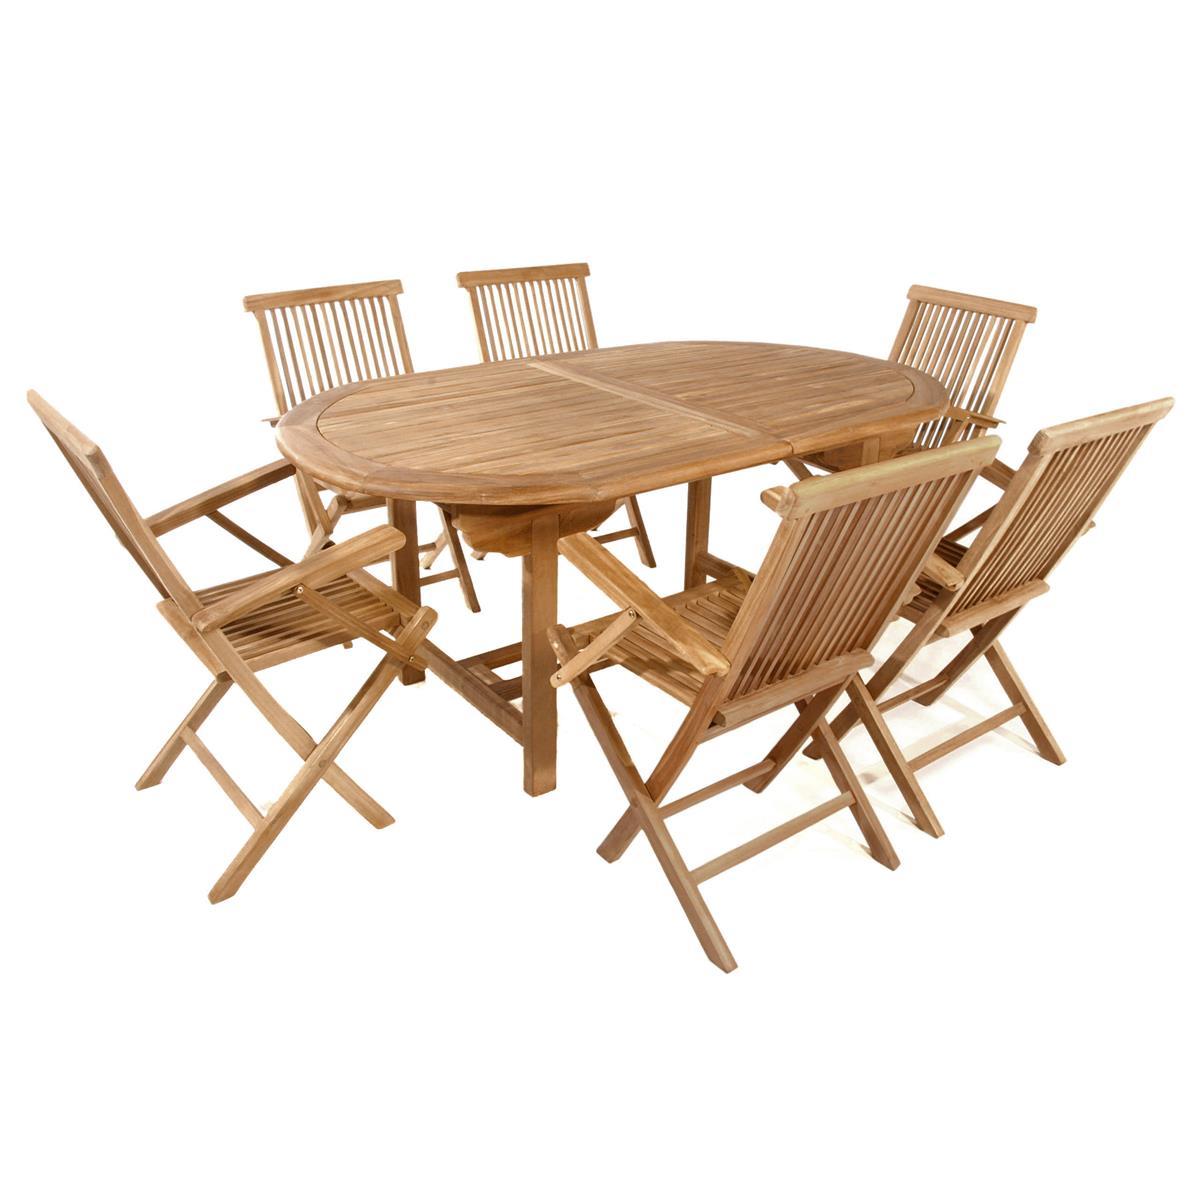 Divero Set Gartenmöbel Sitzgruppe Tisch Ausziehbar Stühle